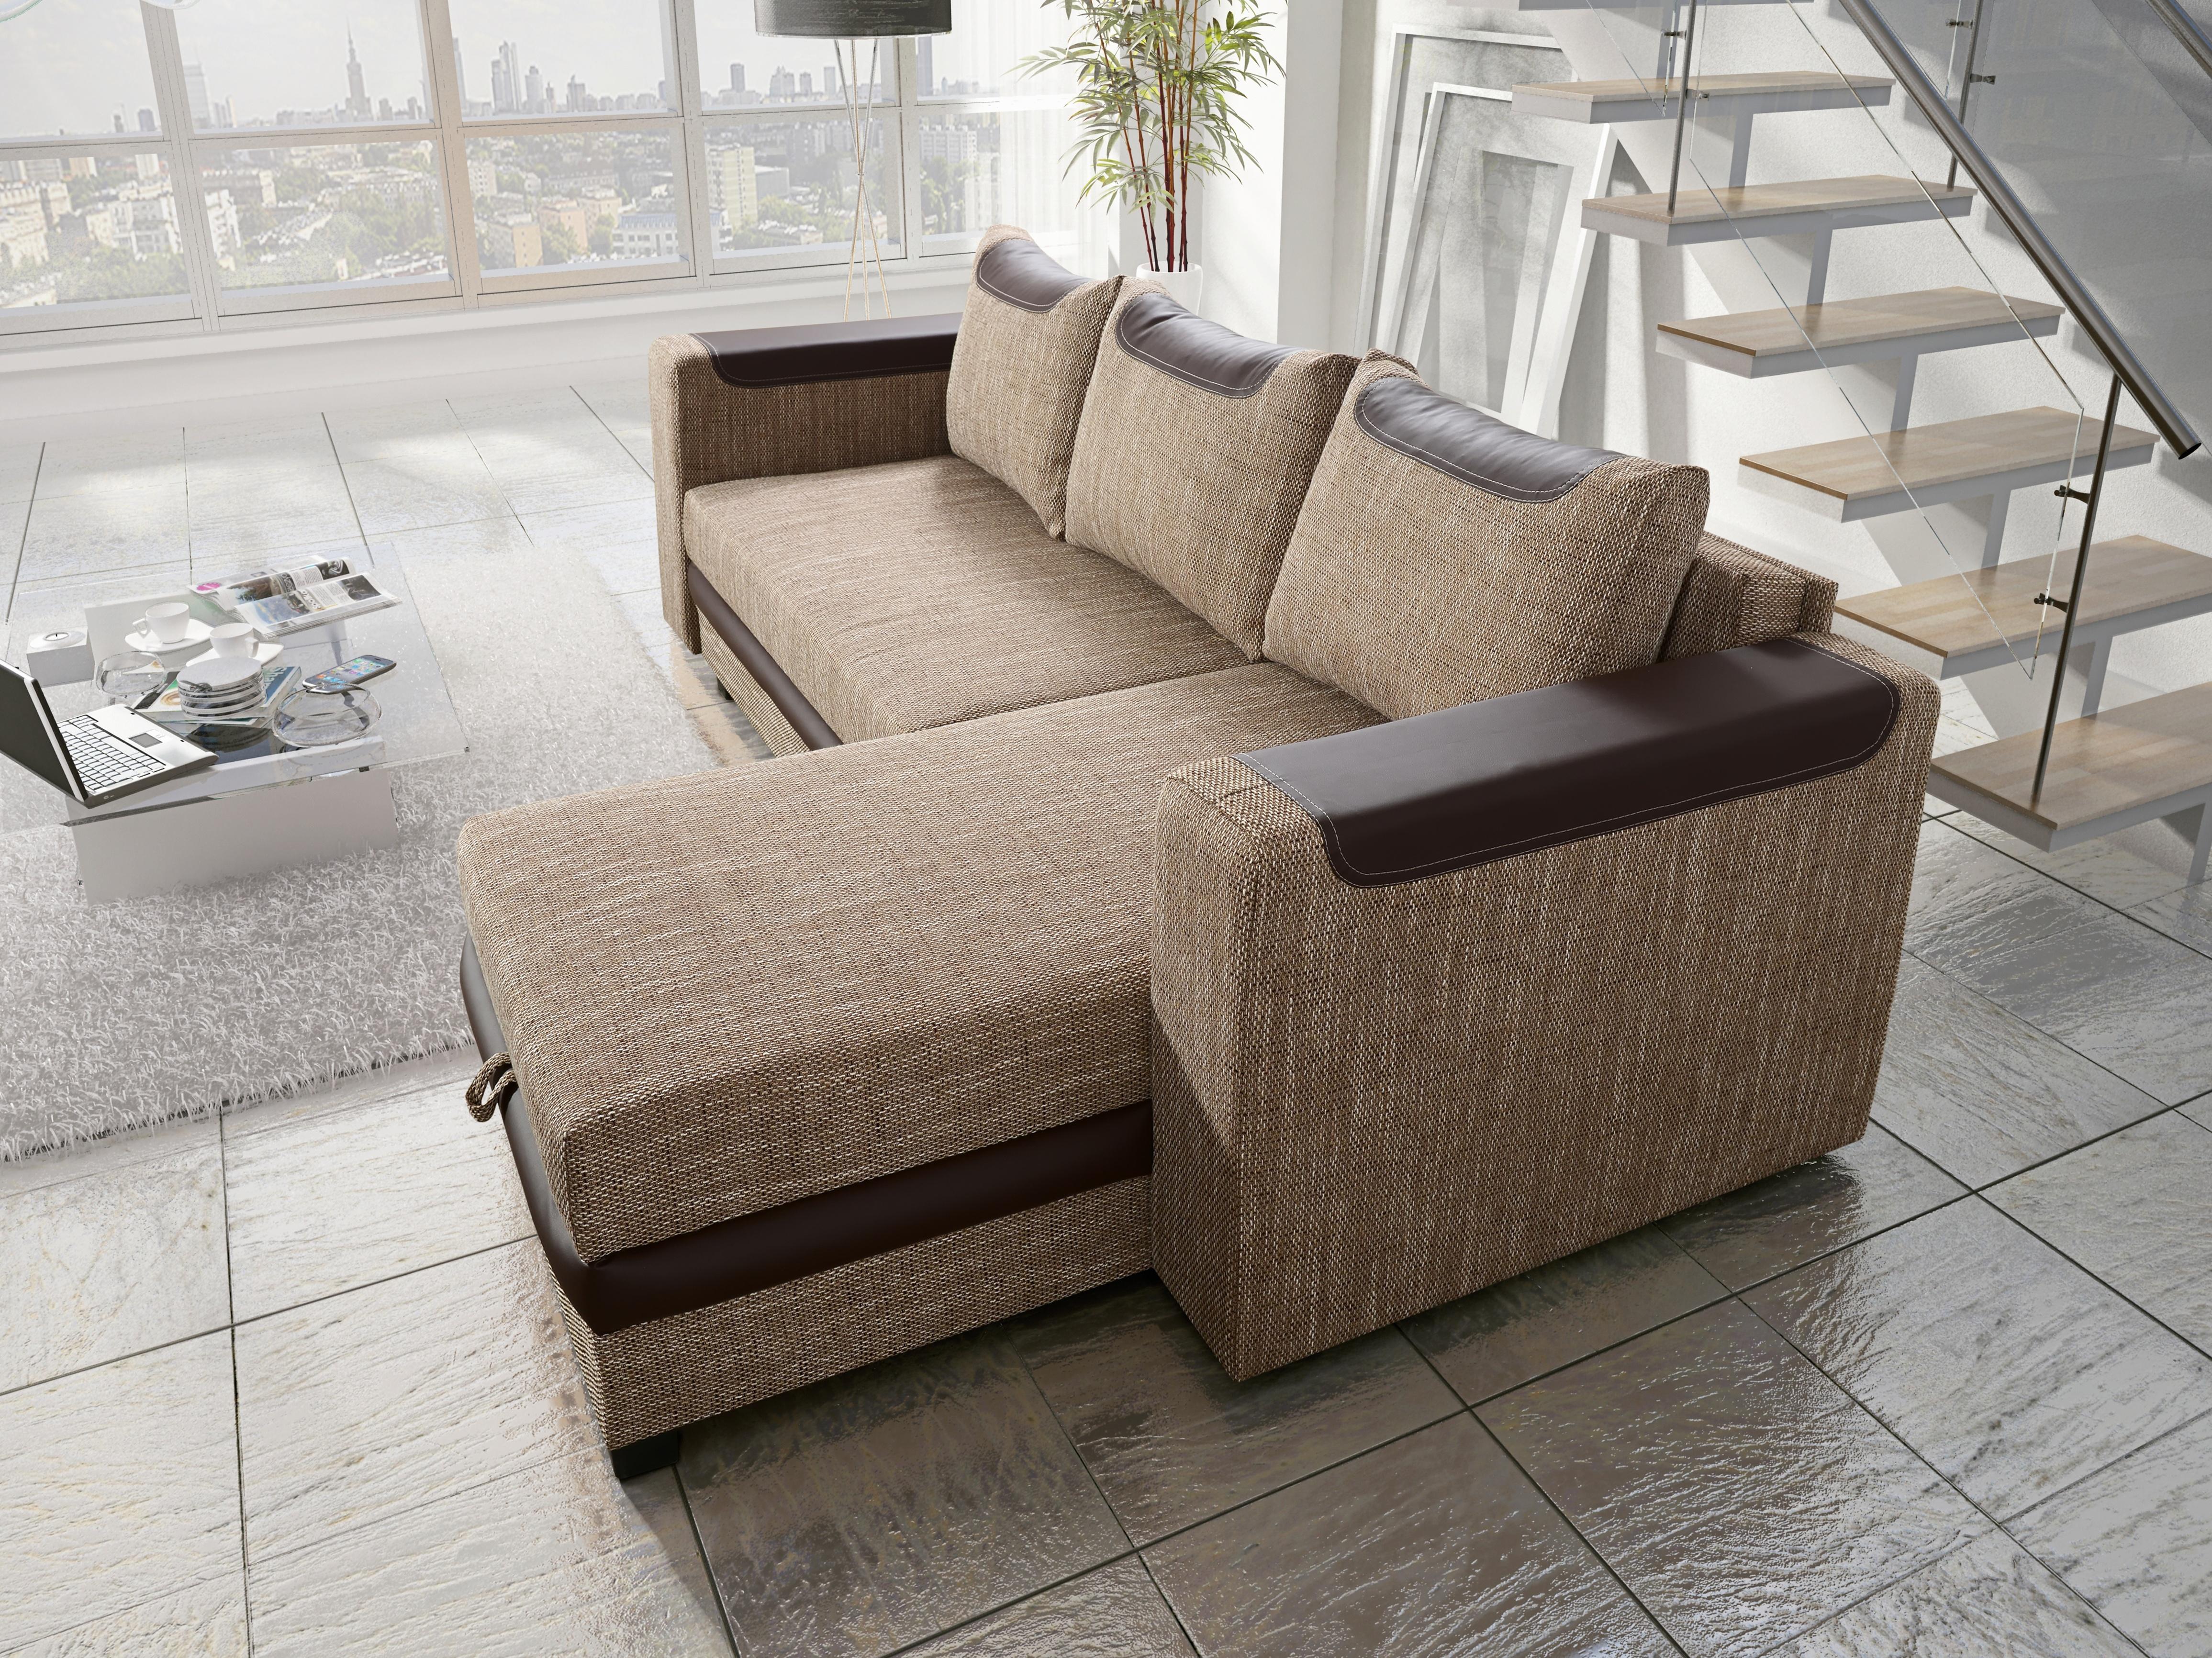 Rohová sedačka BONO 3 univerzální roh, hnědá látka prošitá bílou a béžovou nití/tmavě hnědá ekokůže